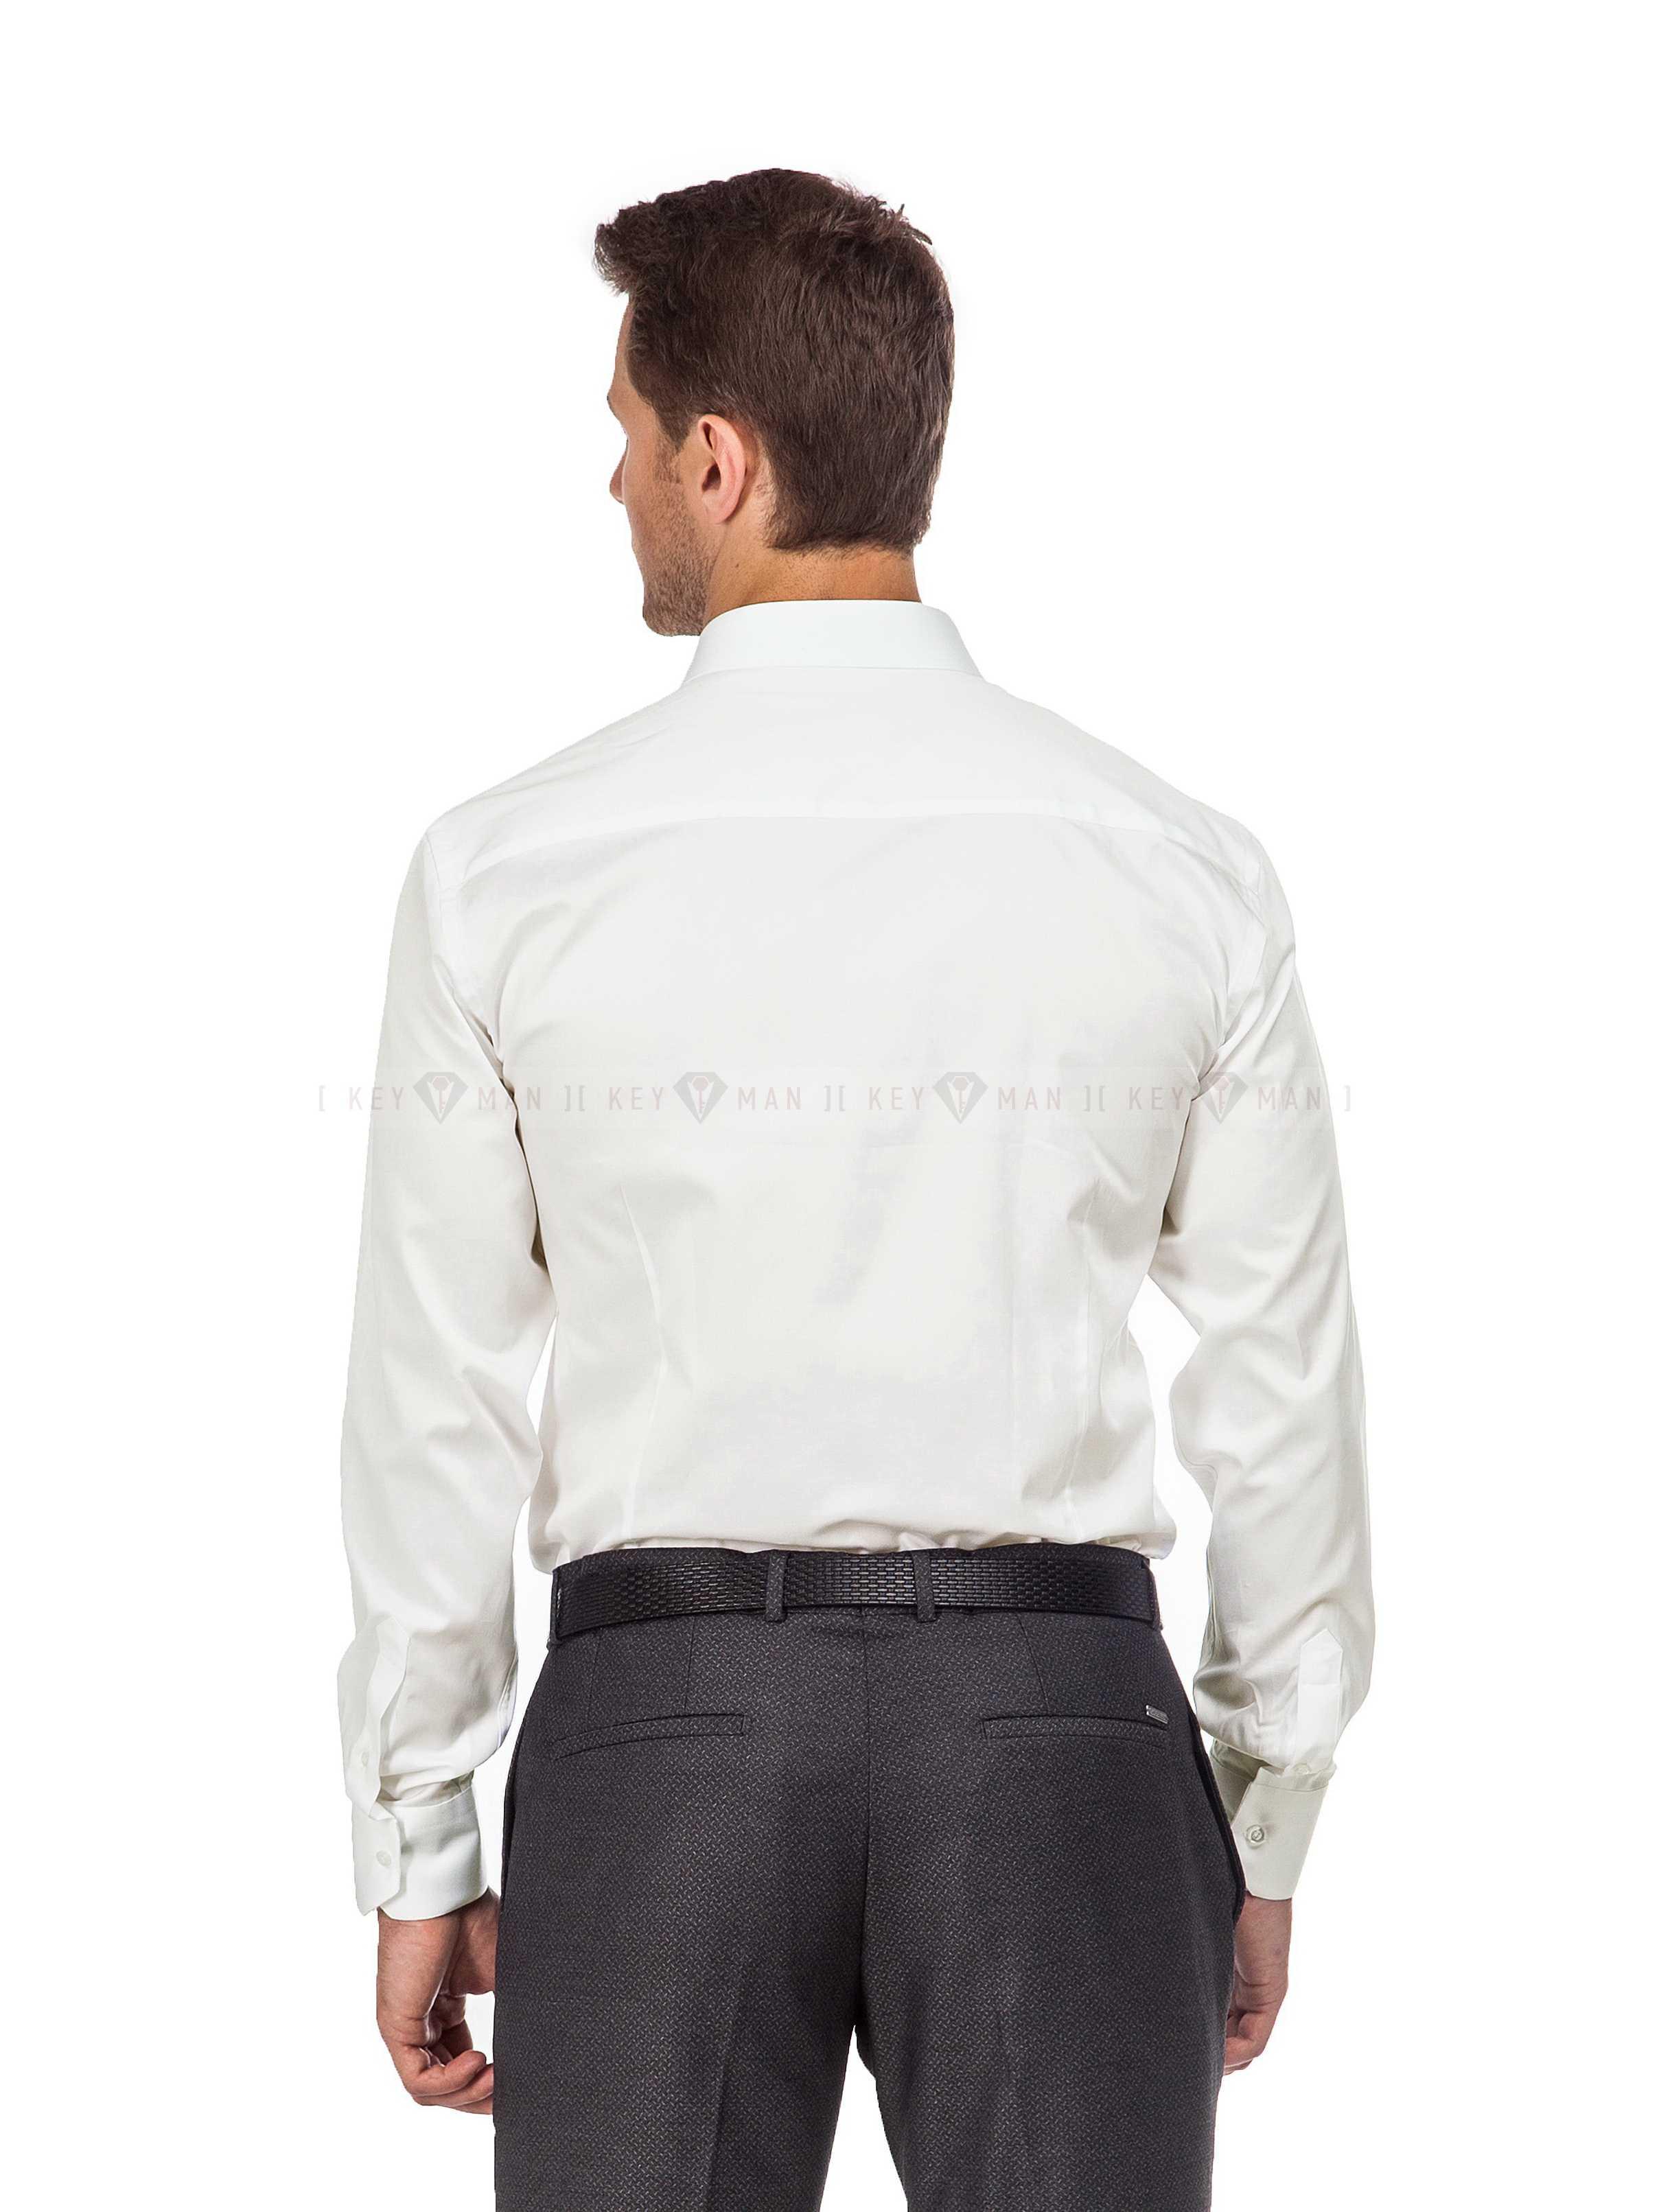 Рубашка мужская с длинным рукавом на свадьбу